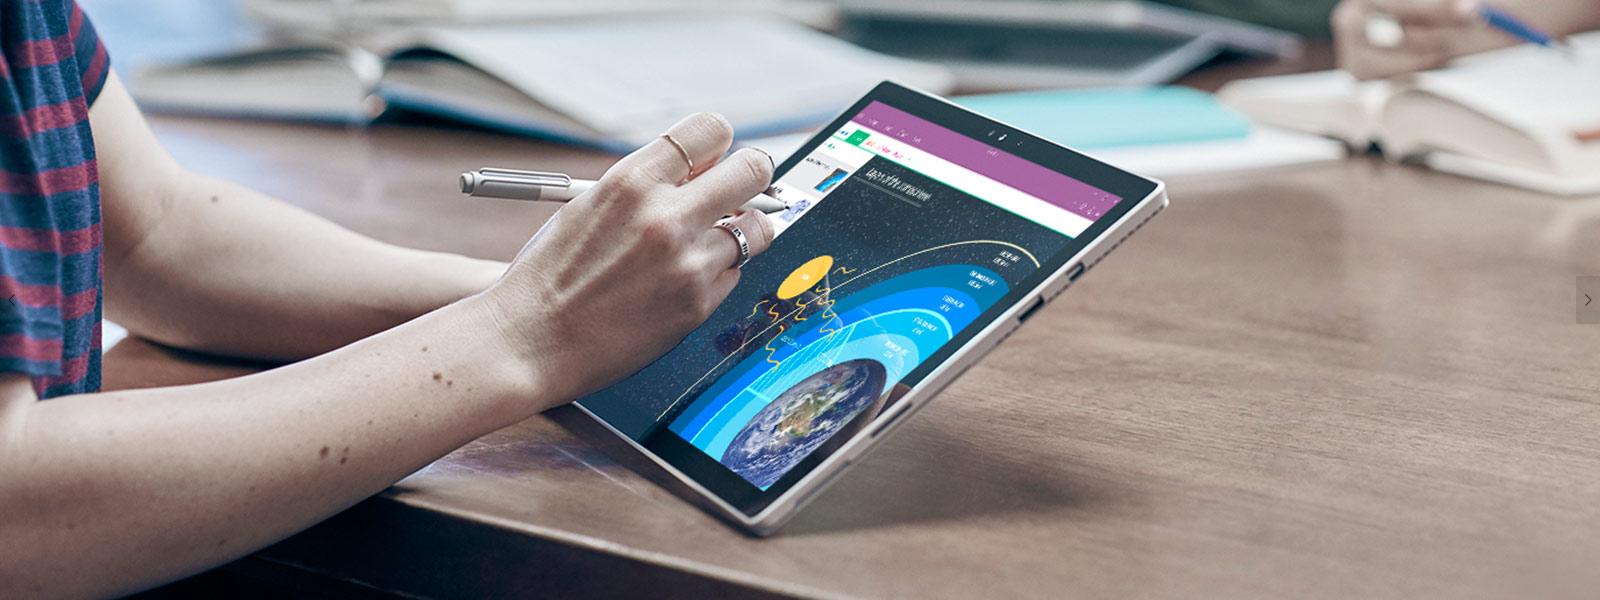 Nainen käyttämässä Surface-kynää Surface Pro 4:ssä.